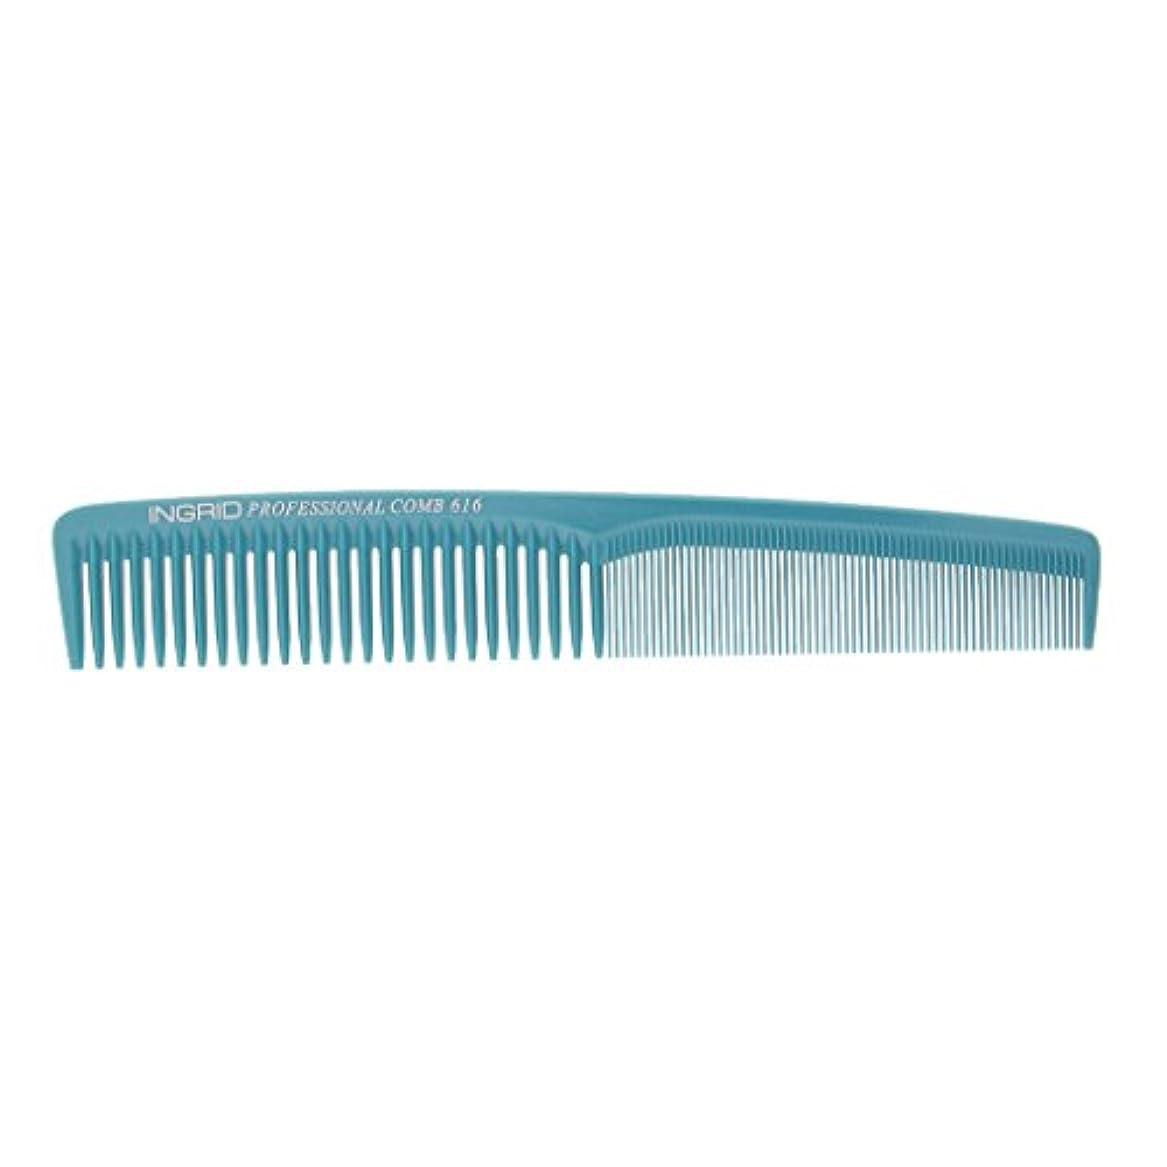 占める代表する競合他社選手FutuHome ファッショナブルなヘアカット理髪師美容院プラスチック製の櫛 - ライトブルー